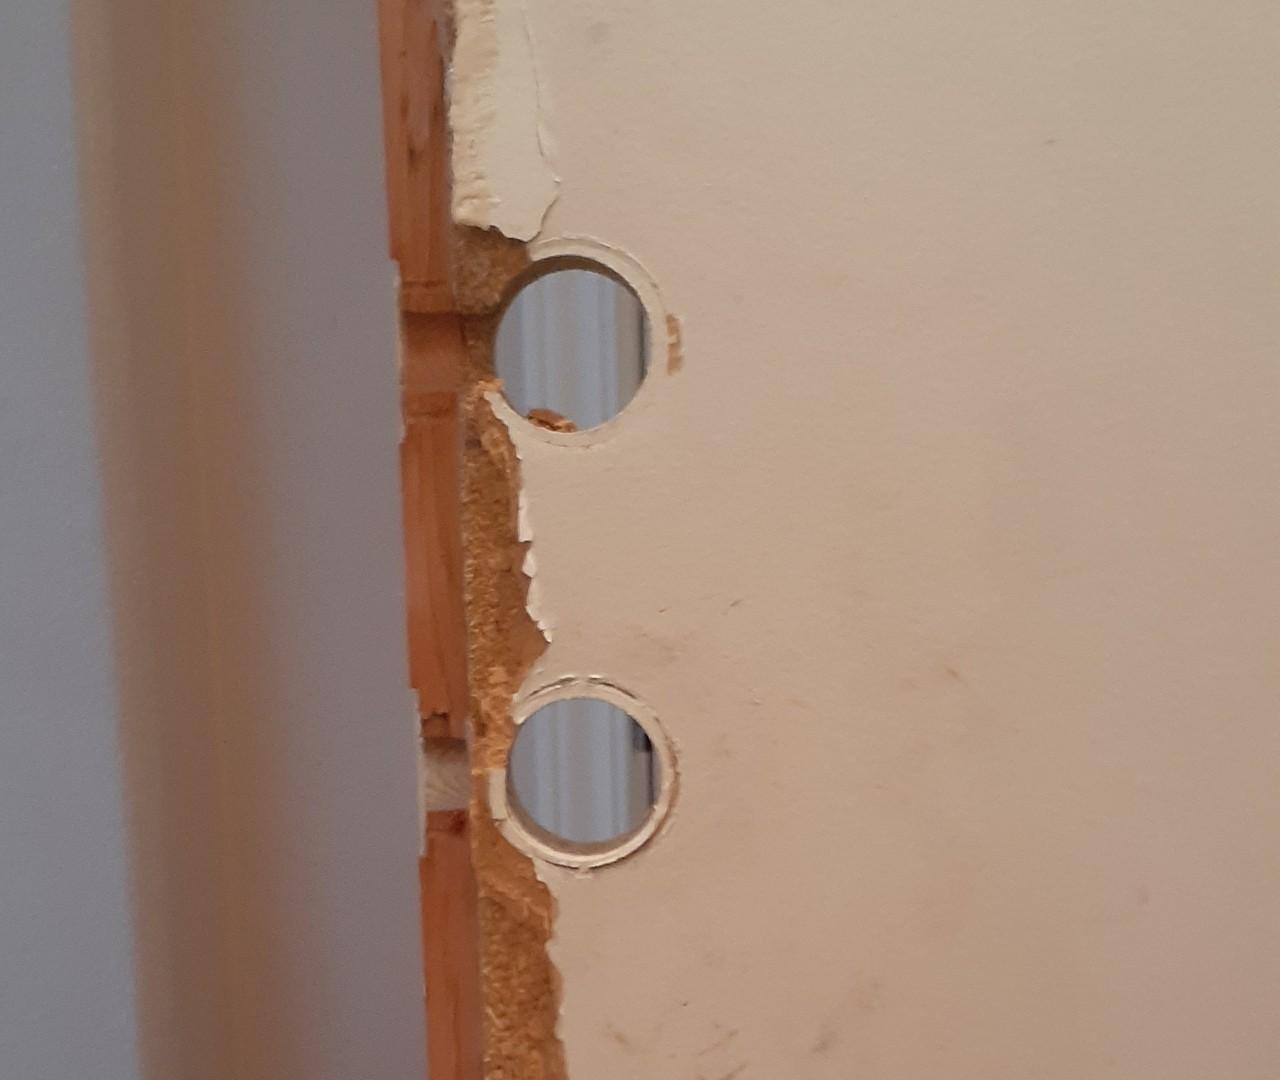 repair-and-maintenance-door-handle-repairs--before-01